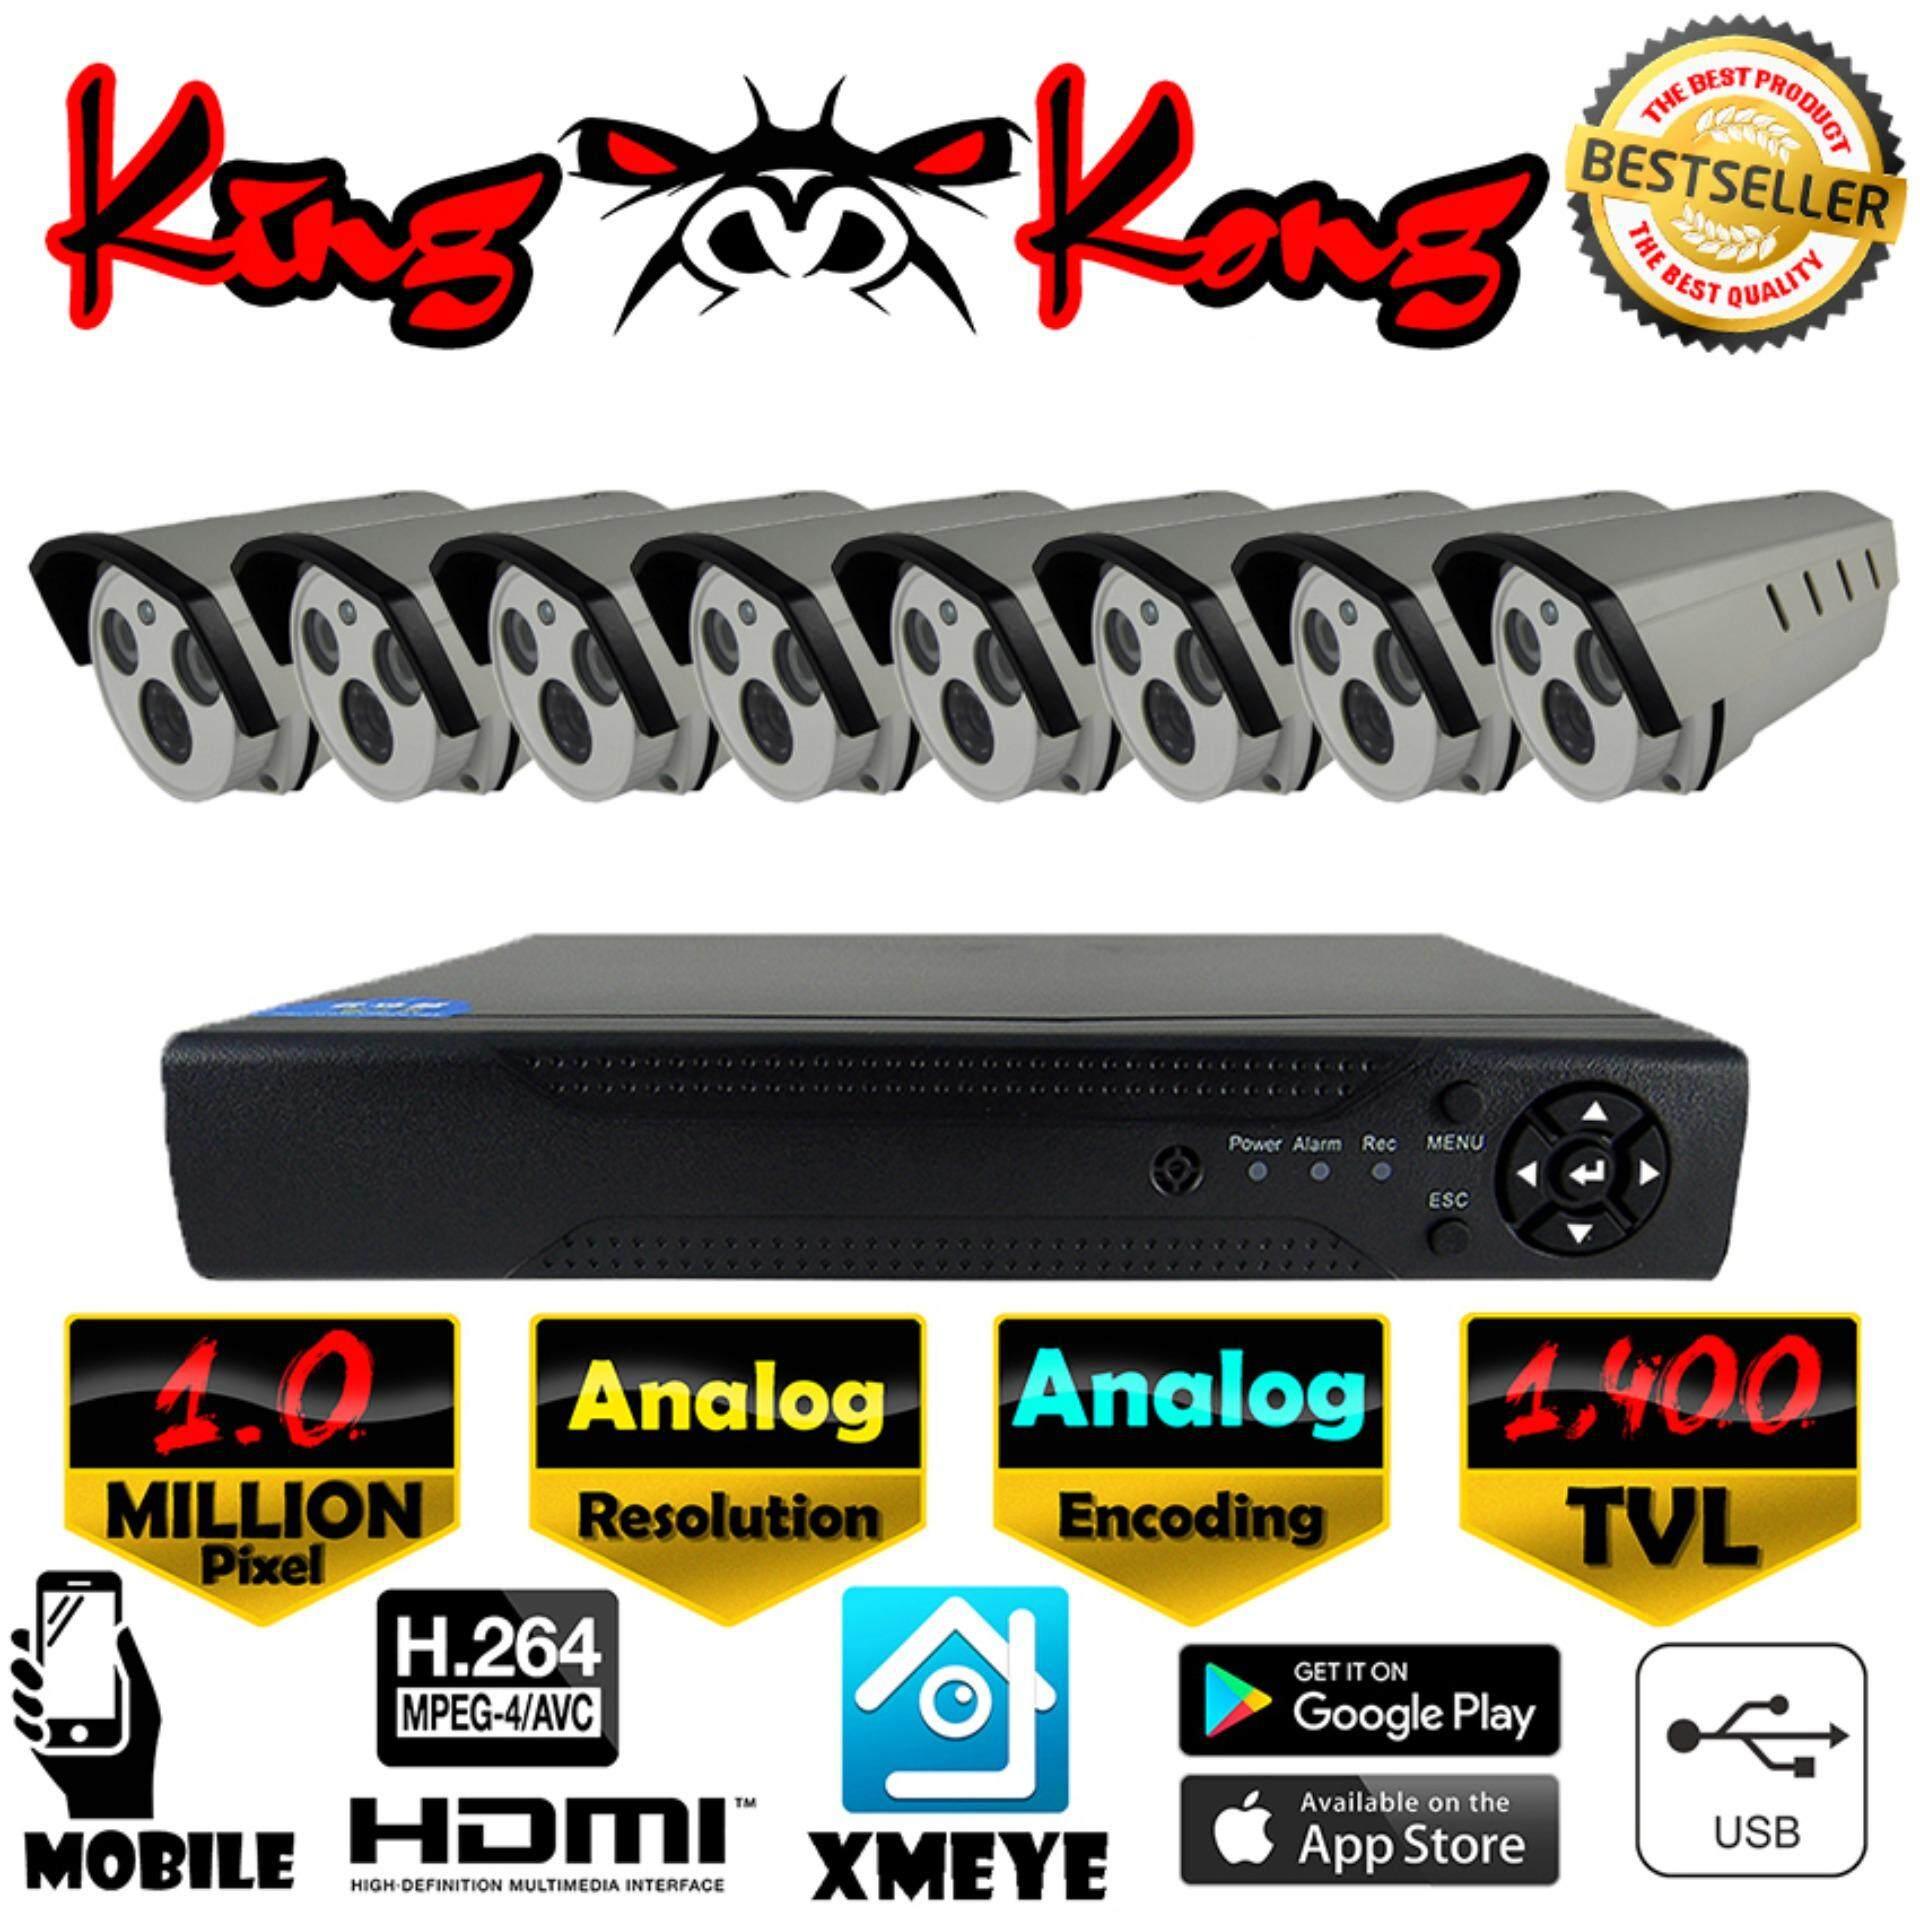 เช็คราคา ชุดกล้องวงจรปิด 8CH CCTV กล้อง Analog 1400 TVL 1.0 MP ทรงกระบอก กล้อง 8ตัว เลนส์ 4mm / IR-Cut / Night Vision / Day&Night / Water Proof พร้อมเครื่องบันทึก 8CH Analog 960H DVR Digital Video Recording ฟรีอะแดปเตอร์ และขายึดกล้อง ลดล้างสต๊อก